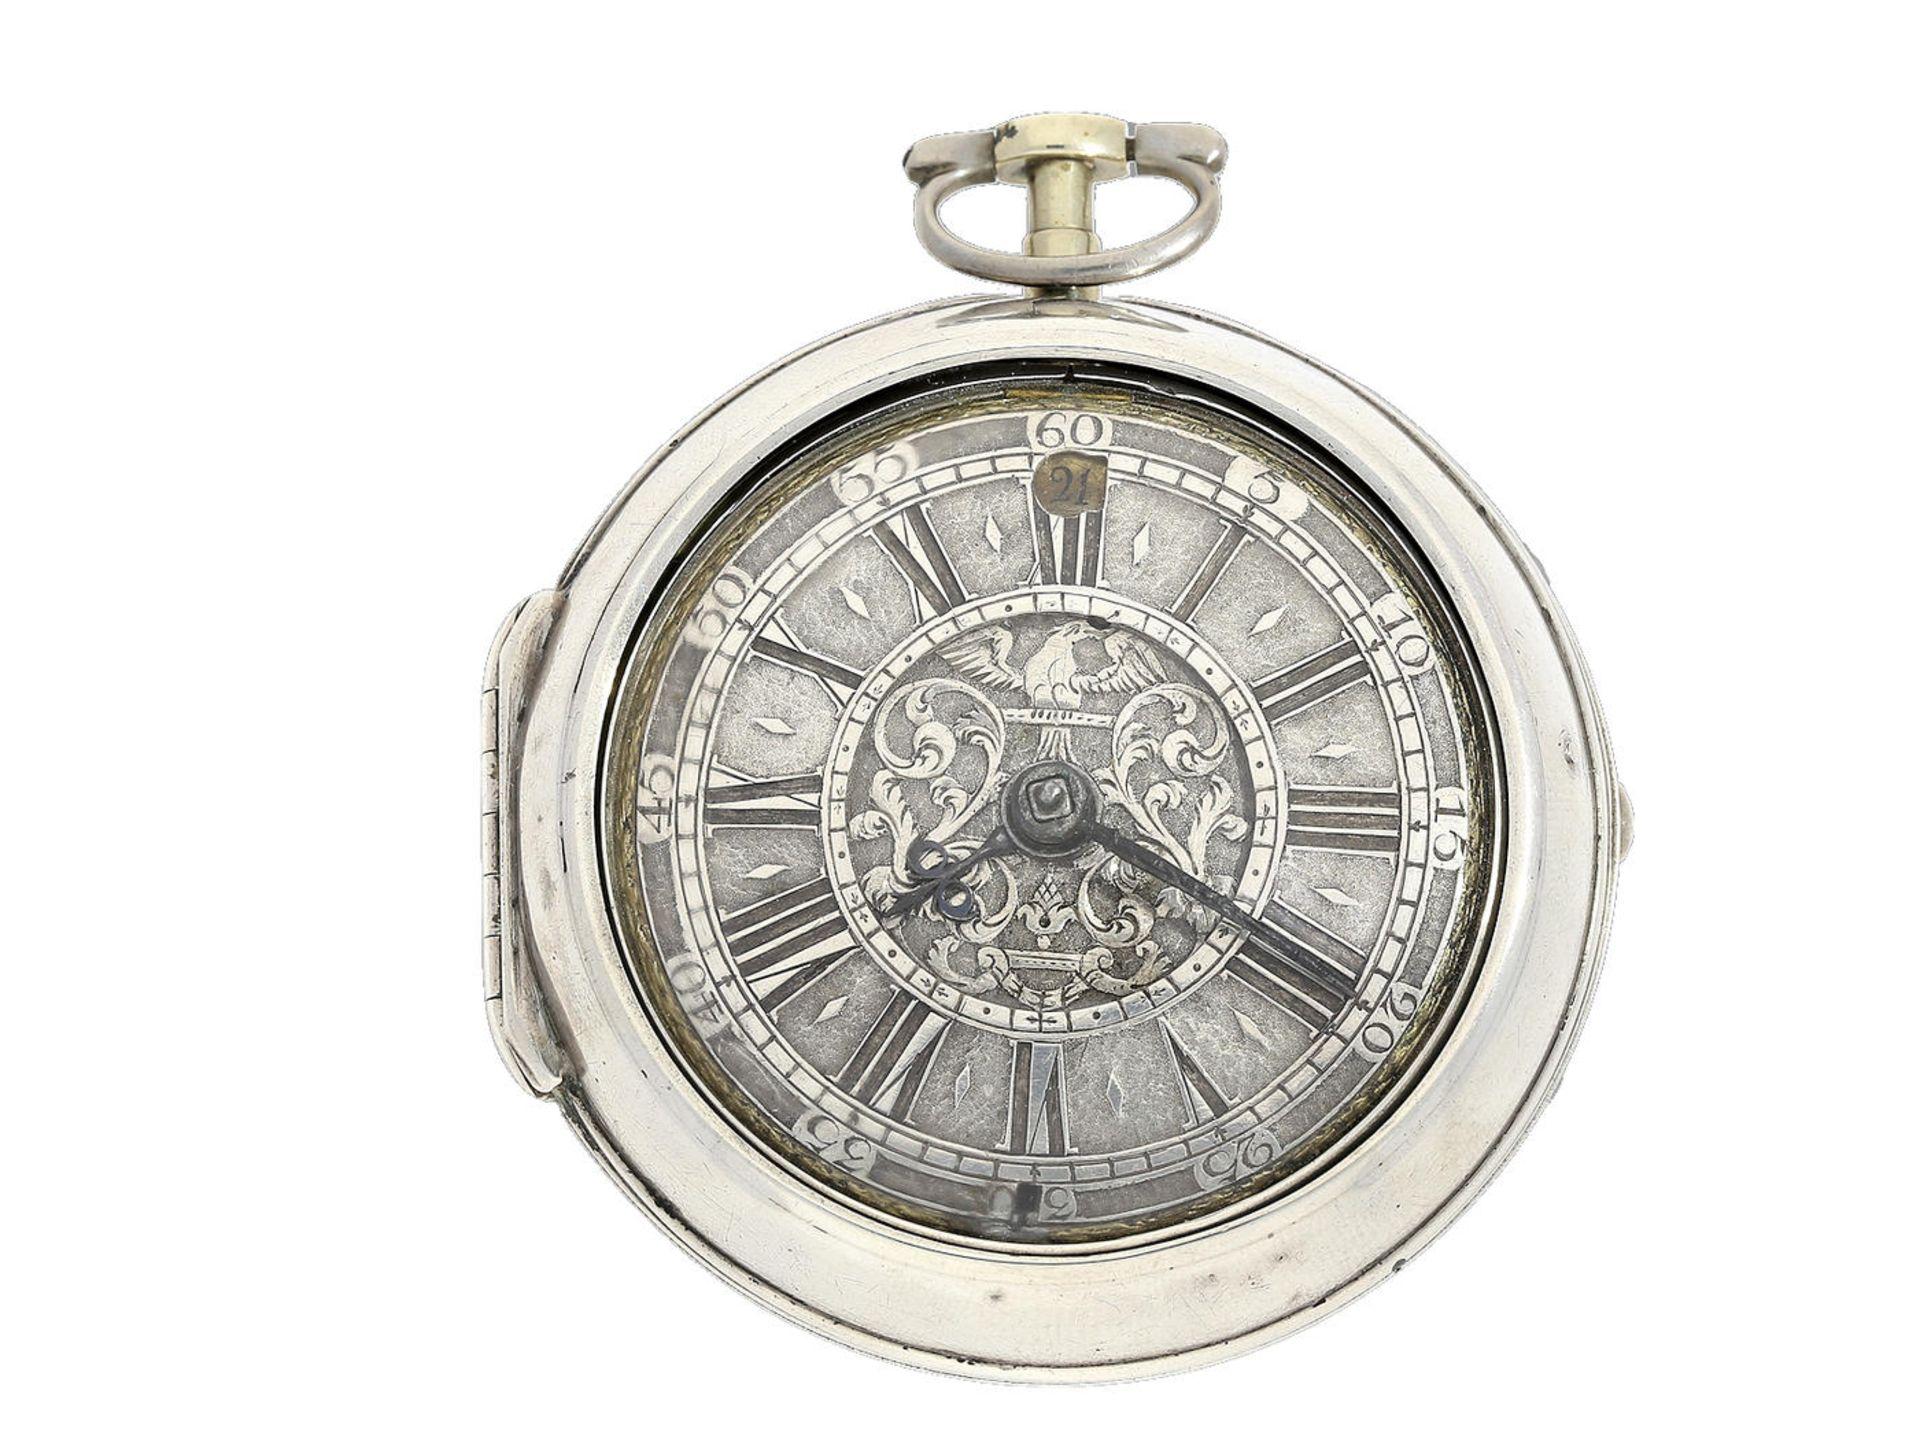 Los 6040 - Taschenuhr: frühe Doppelgehäuse-Spindeluhr mit Datum, Peter Gobert London, um 1720 Ca. Ø54mm, ca.